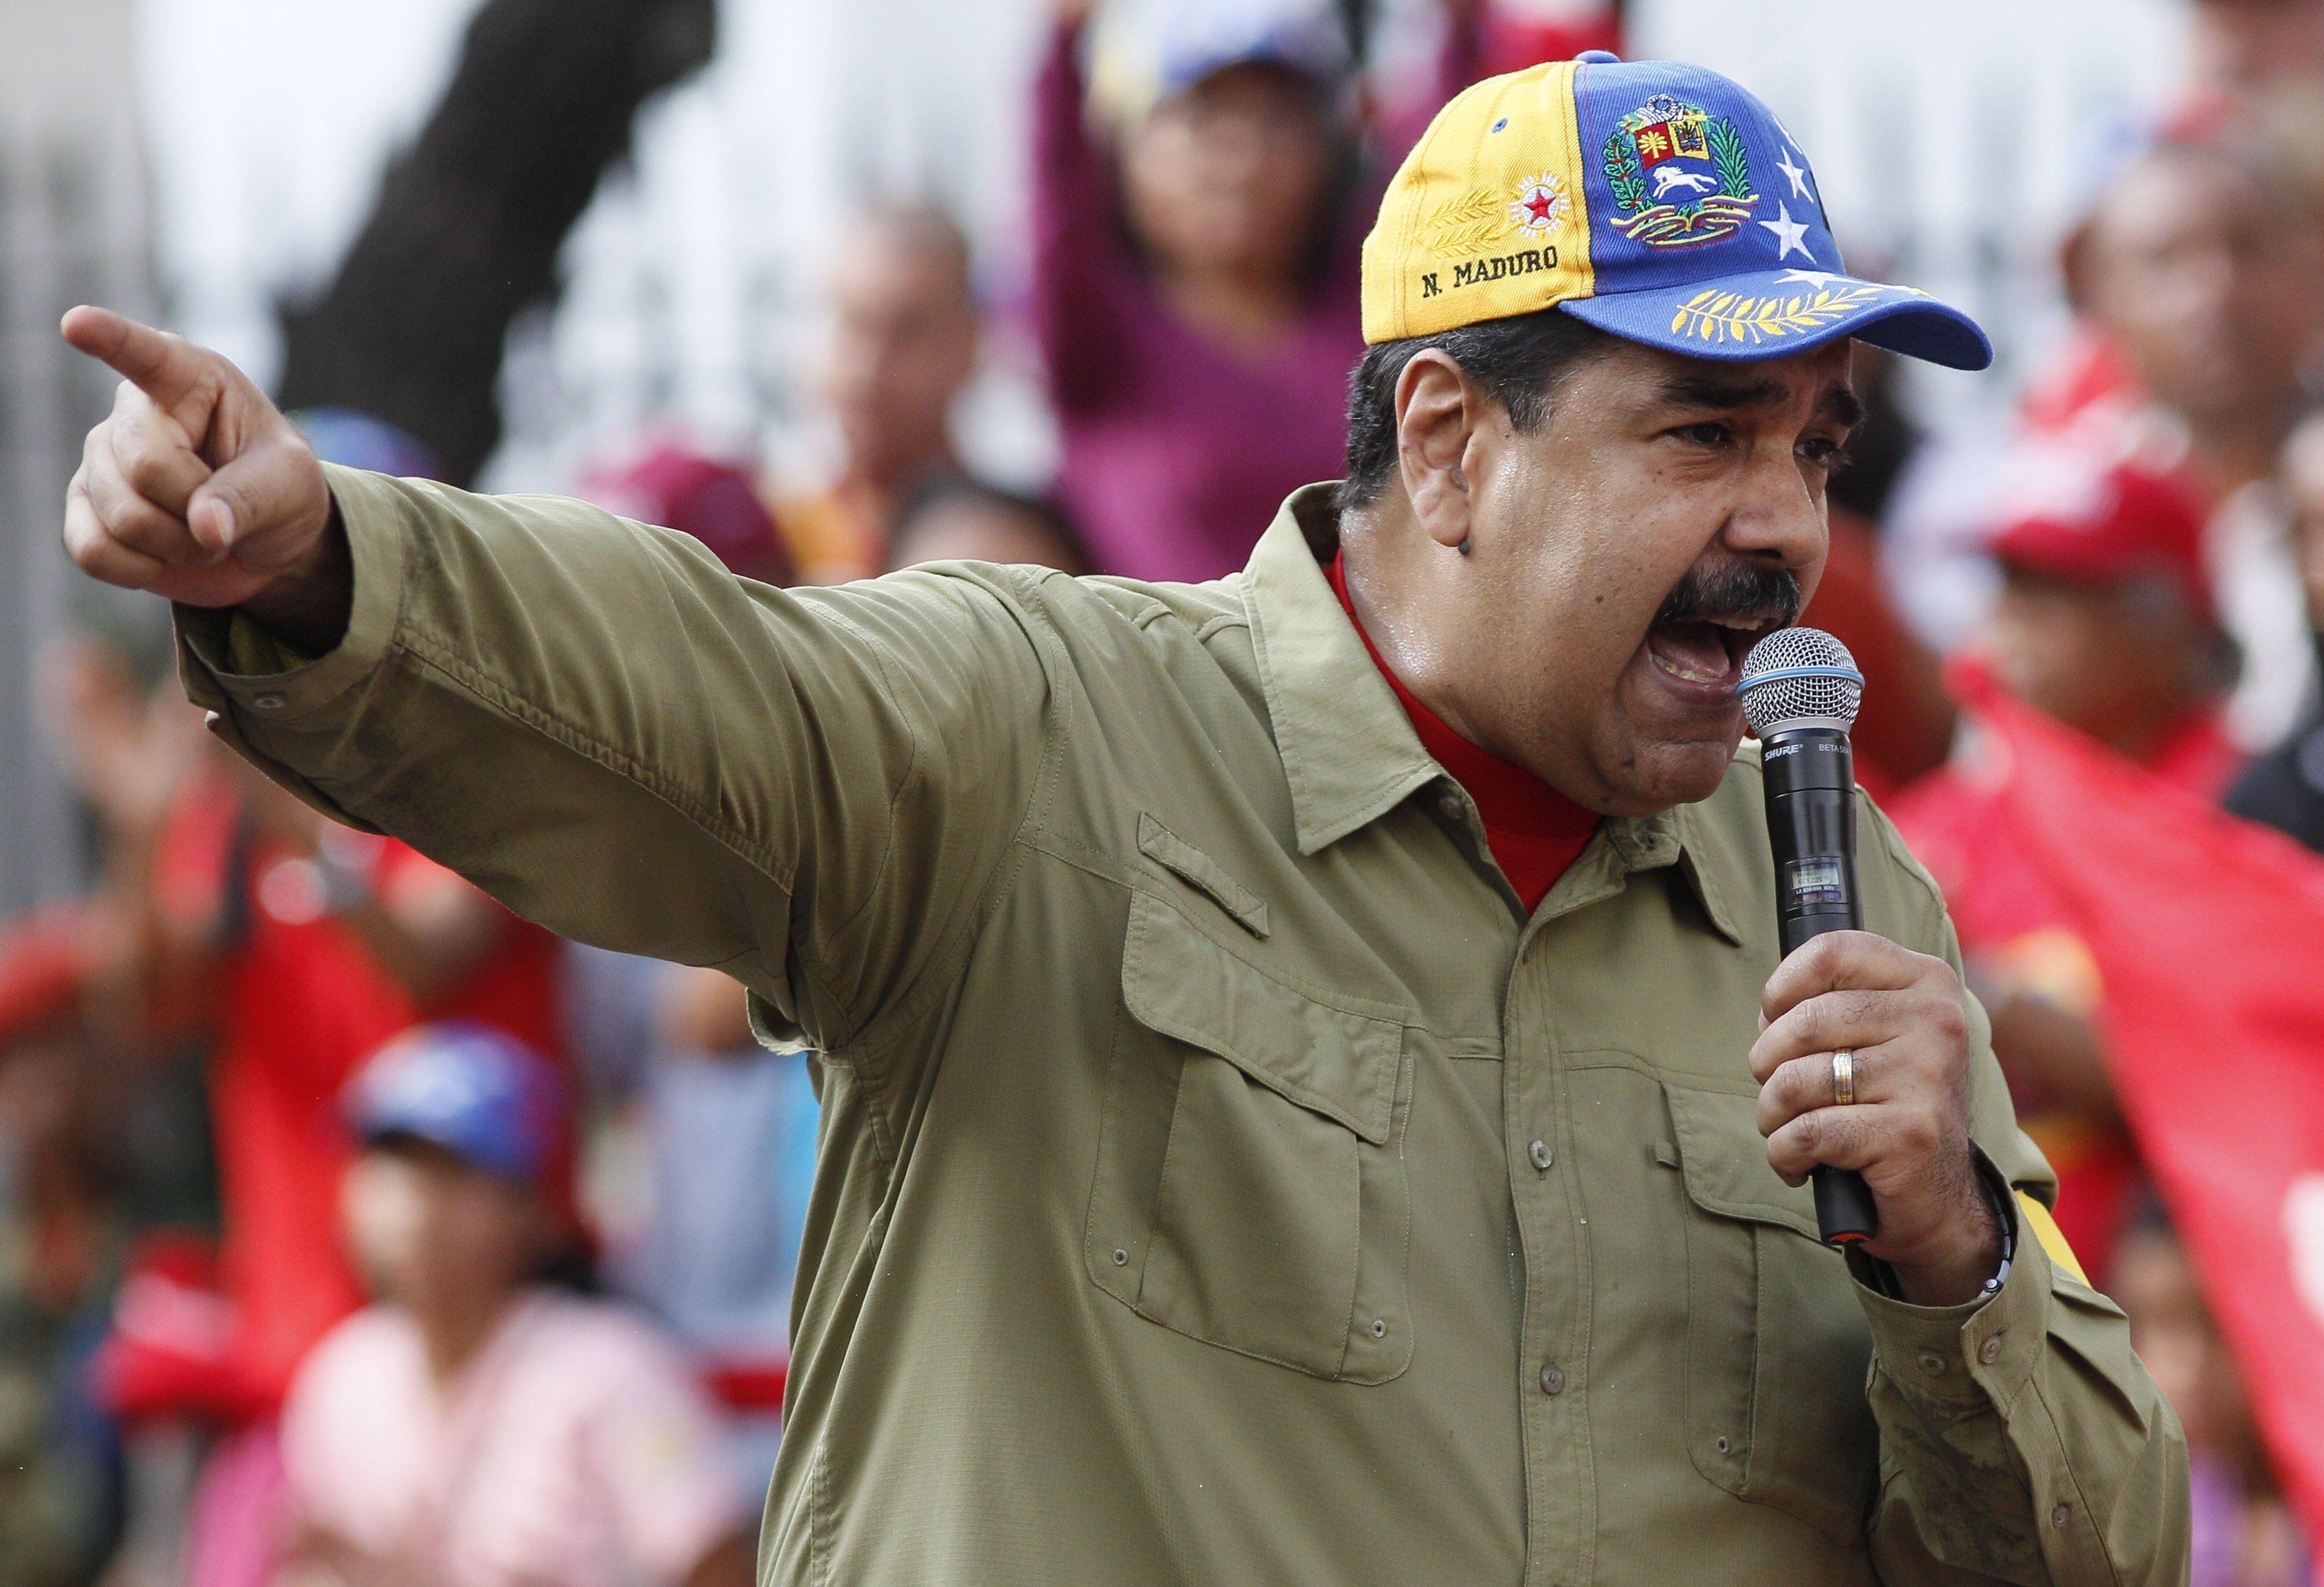 Nicolás Maduro venezuelai elnök beszédet mond támogatói előtt Caracasban 2018. február 4-én, a hivatali elődje, Hugo Chávez Chávez által 1992-ben Carlos Andrés Pérez elnök ellen végrehajtott sikertelen puccskísérlet 26. évfordulója alkalmából tartott ünnepségen. (MTI/AP/Ariana Cubillos)